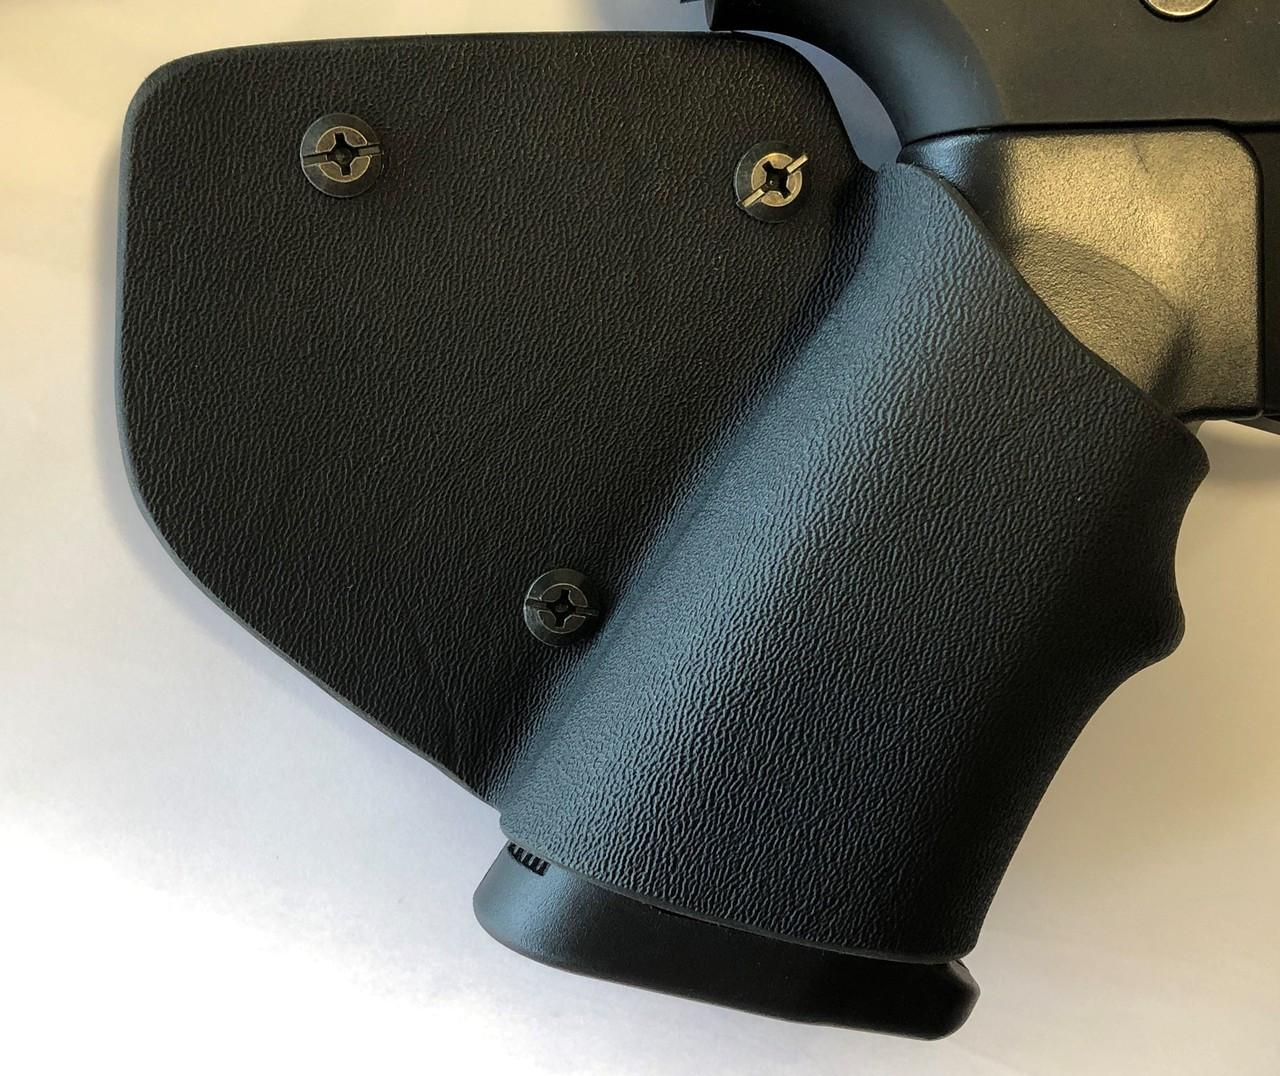 CZ SCORPION EVO CARBINE 3 S1 CALIFORNIA LEGAL-9MM (Muzzle Brake)